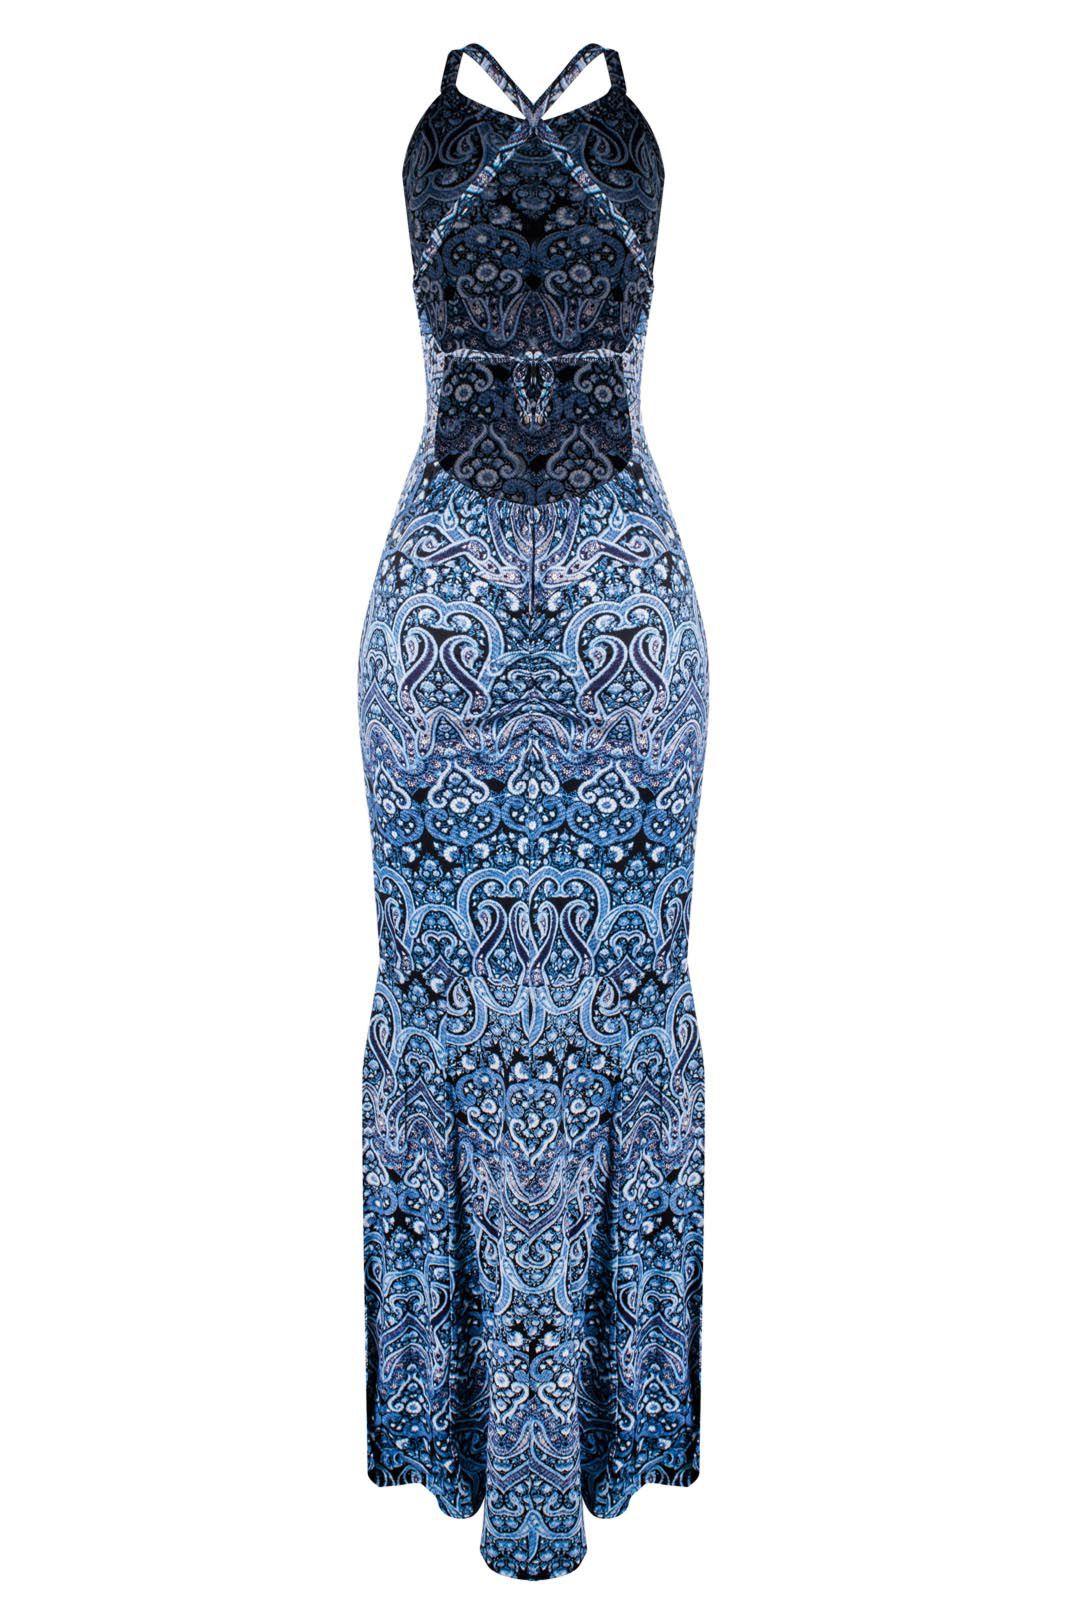 Vestido OutletDri Alcinha Tirinhas Cruzadas Sereia Drappeado Costas Azul Aço Com Branco